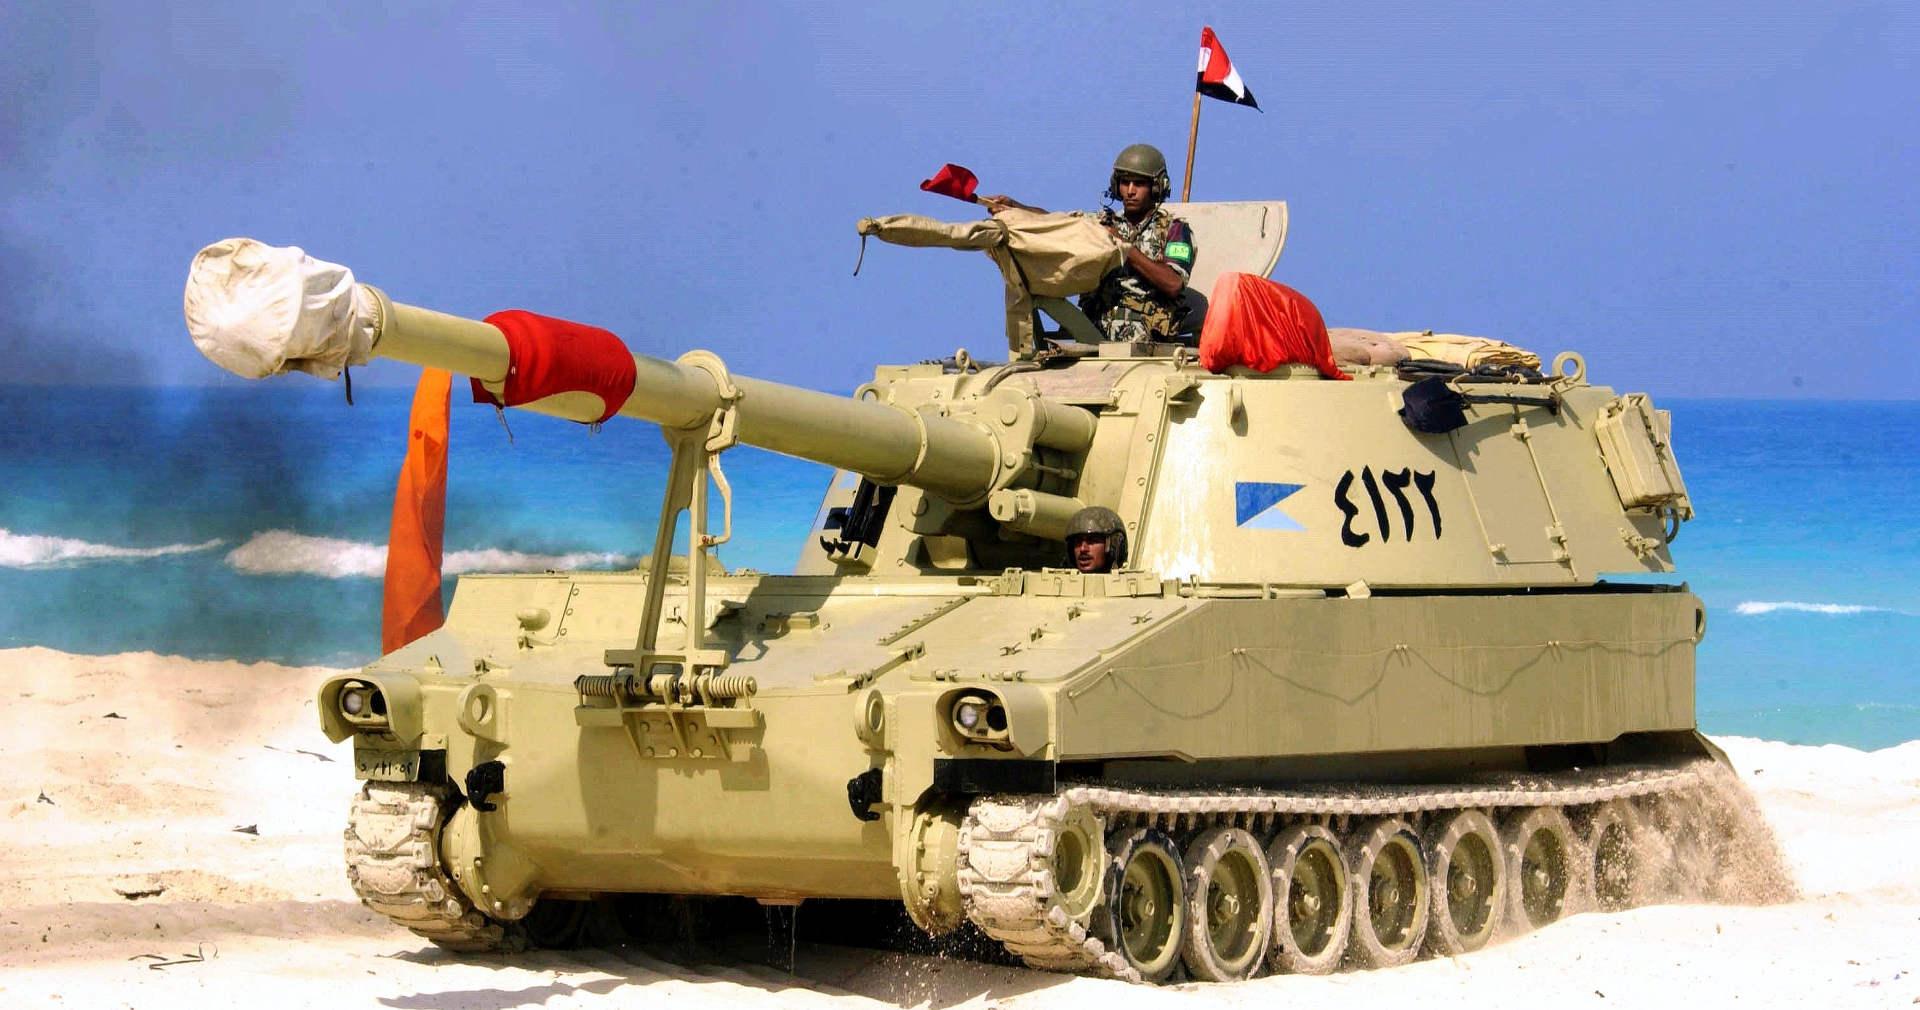 جندي مصري من مناورات النجم الساطع عام 2005